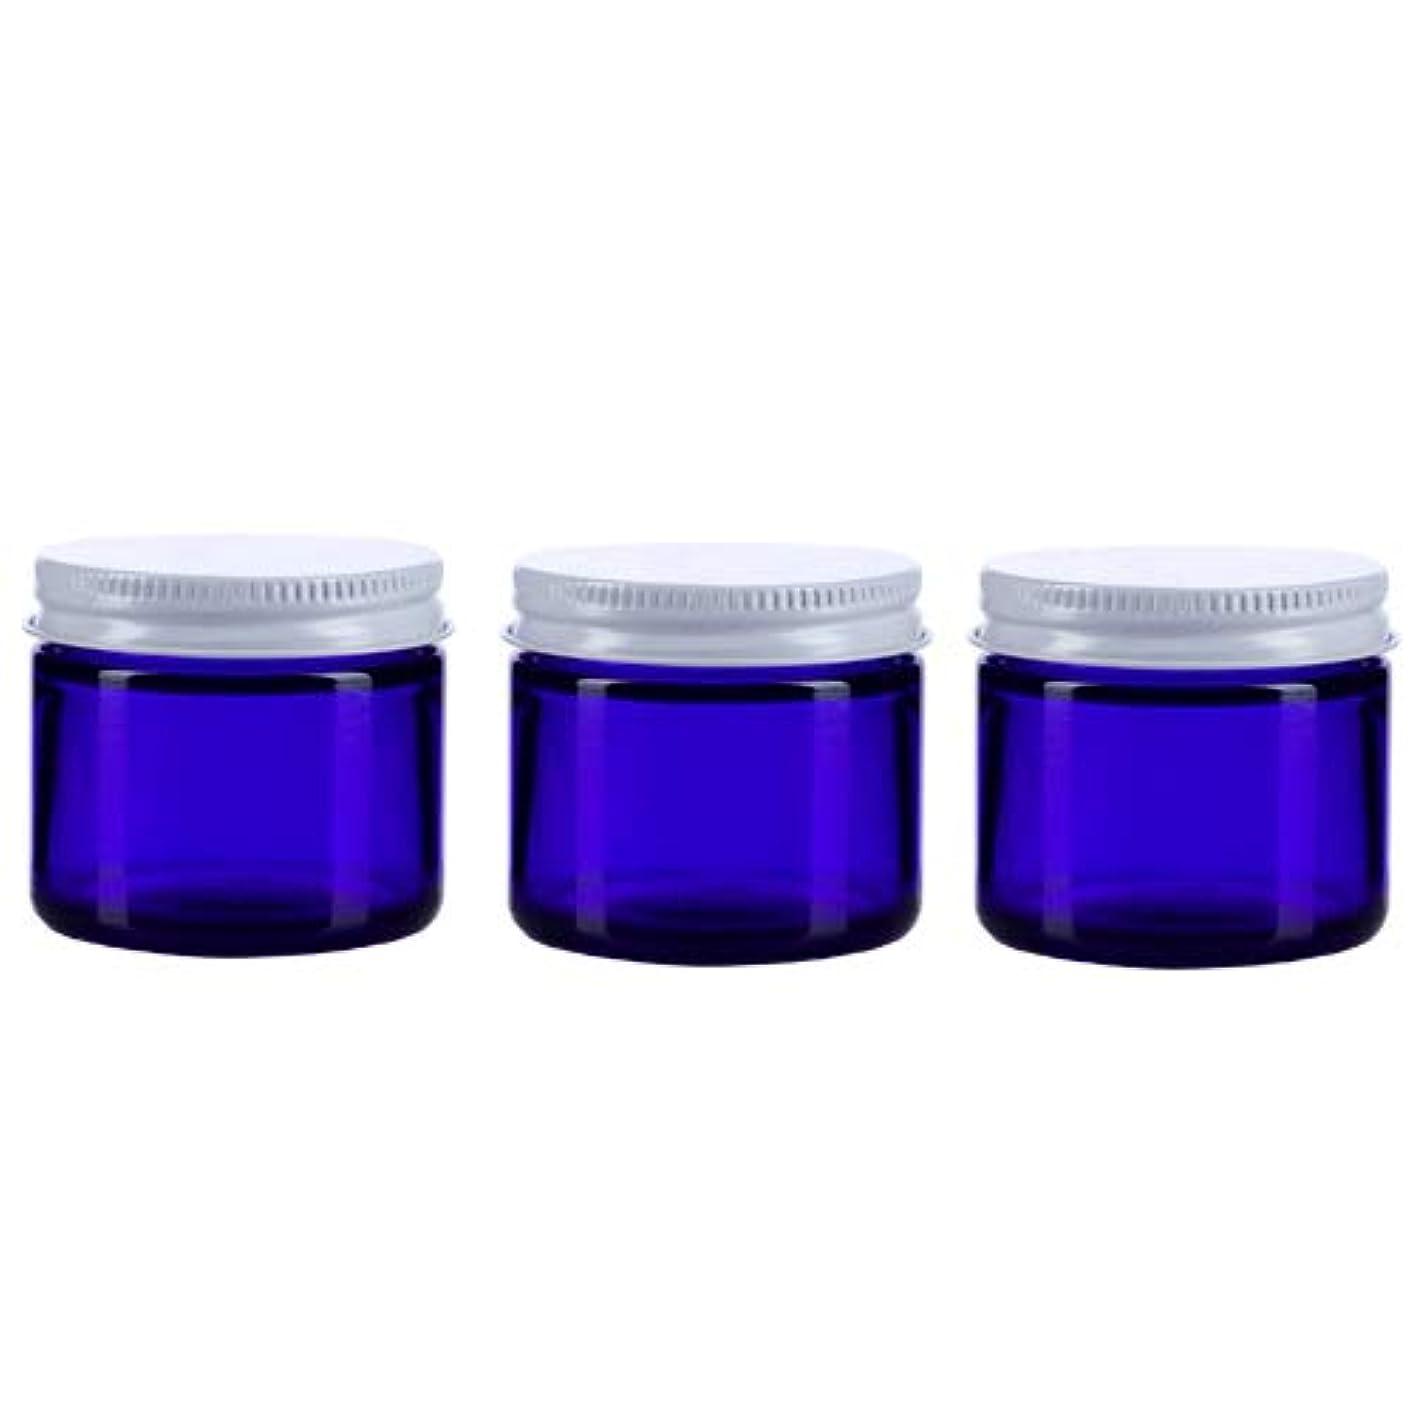 過敏な従事するタービン3個セット ガラス 遮光ジャー コバルトブルー 60ml  小分け 保存 詰替え 遮光瓶 ブルー容器【並行輸入品】